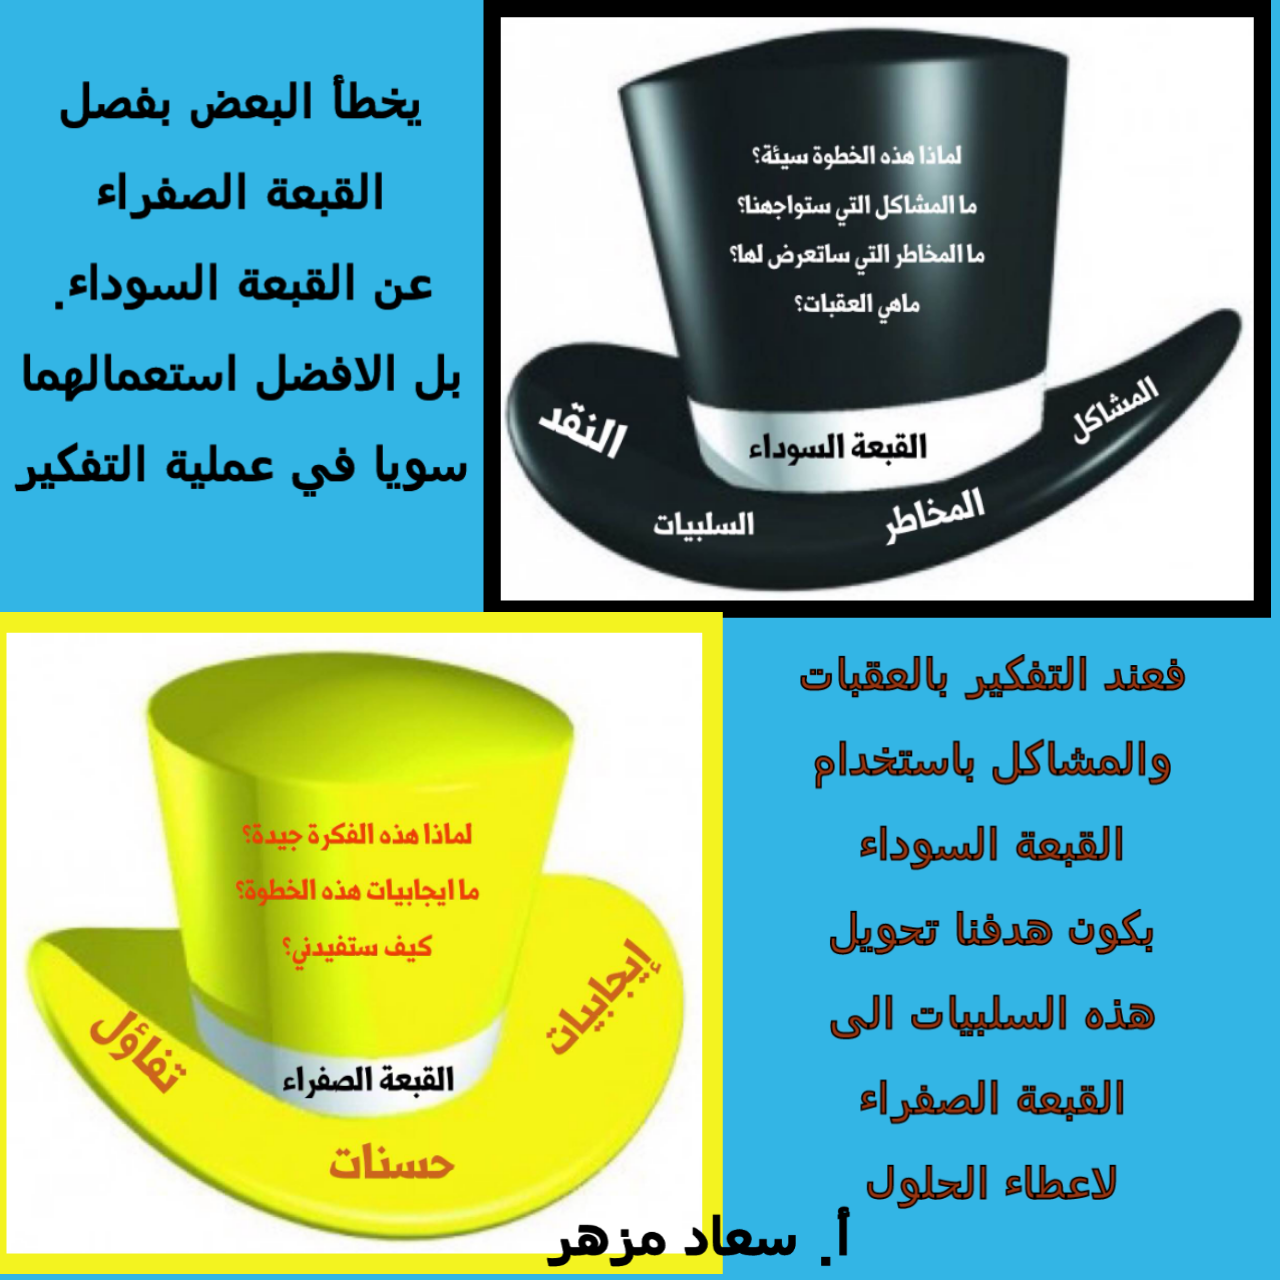 قناة الصفوف الأولية استراتيجية قبعات التفكير الست Http Youtu Be Lhl88rg7wrk اعداد فاطمة الخل Arabic Kids Blog Posts Blog